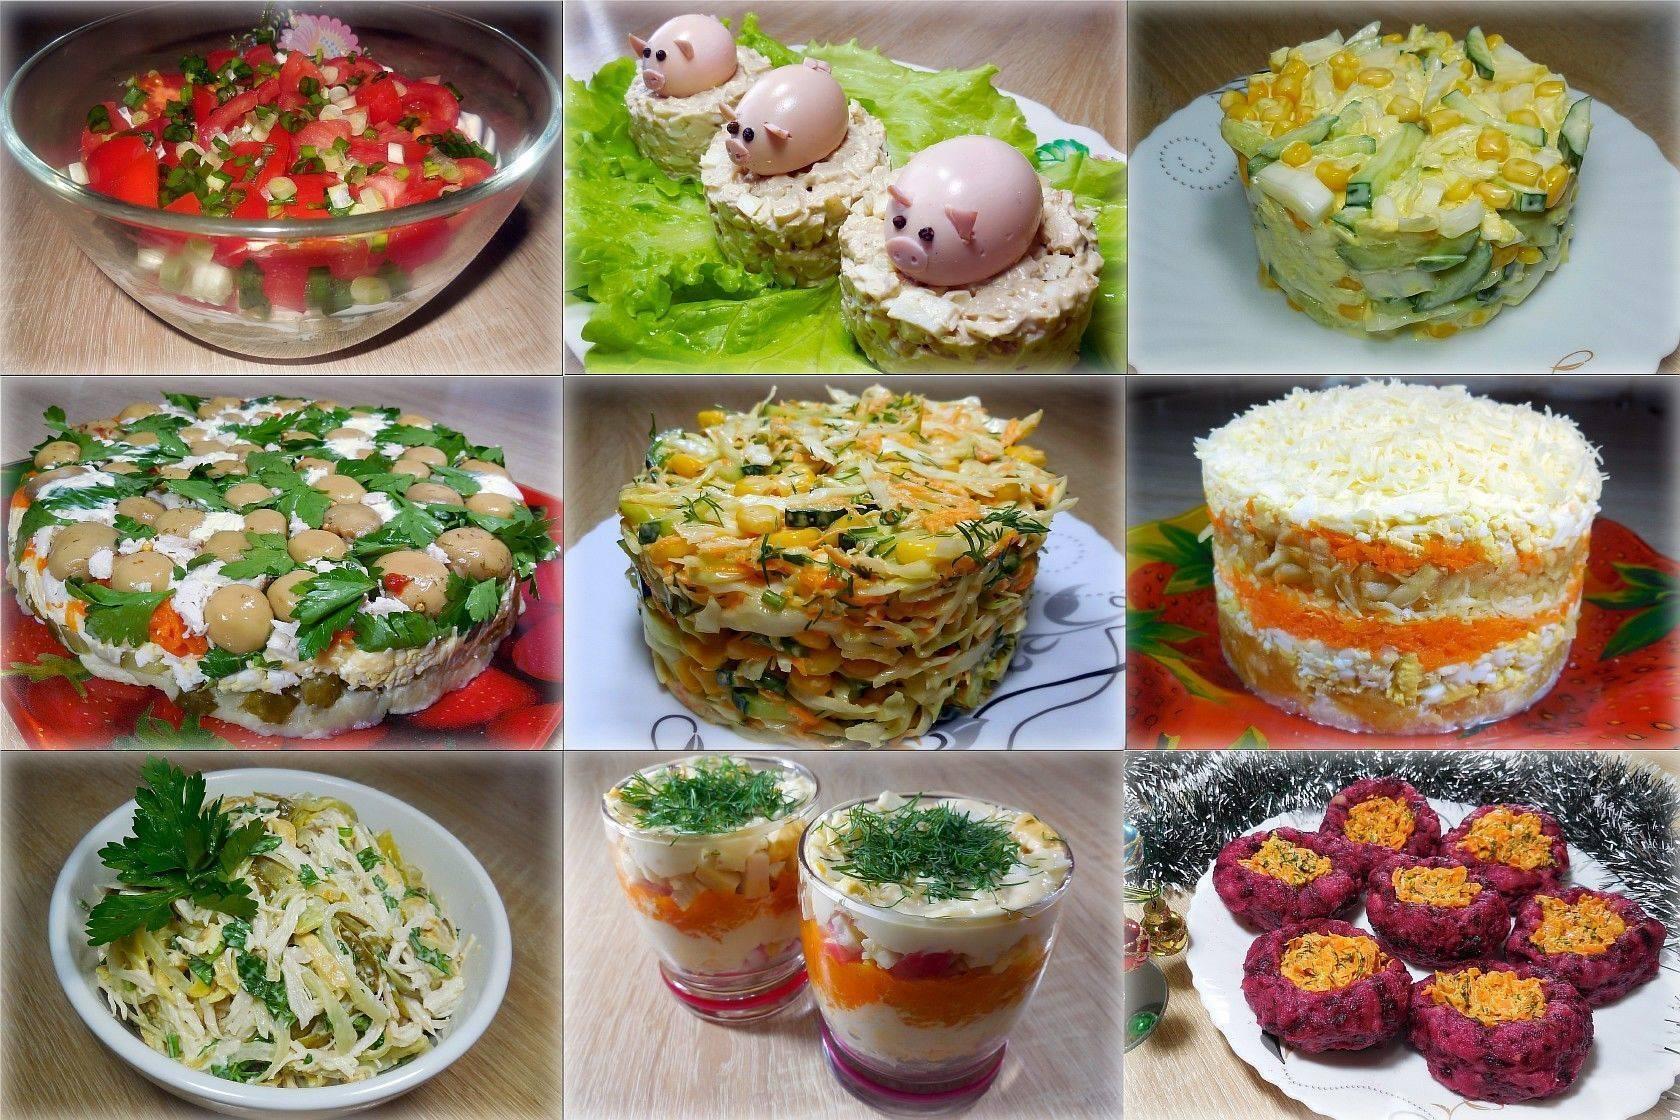 Детское меню на день рождения. рецепты с фото на стол мальчику, девочке в 3 года, 5, 6, 7, 8-10 лет. что приготовить зимой, летом на природе, дома, недорого